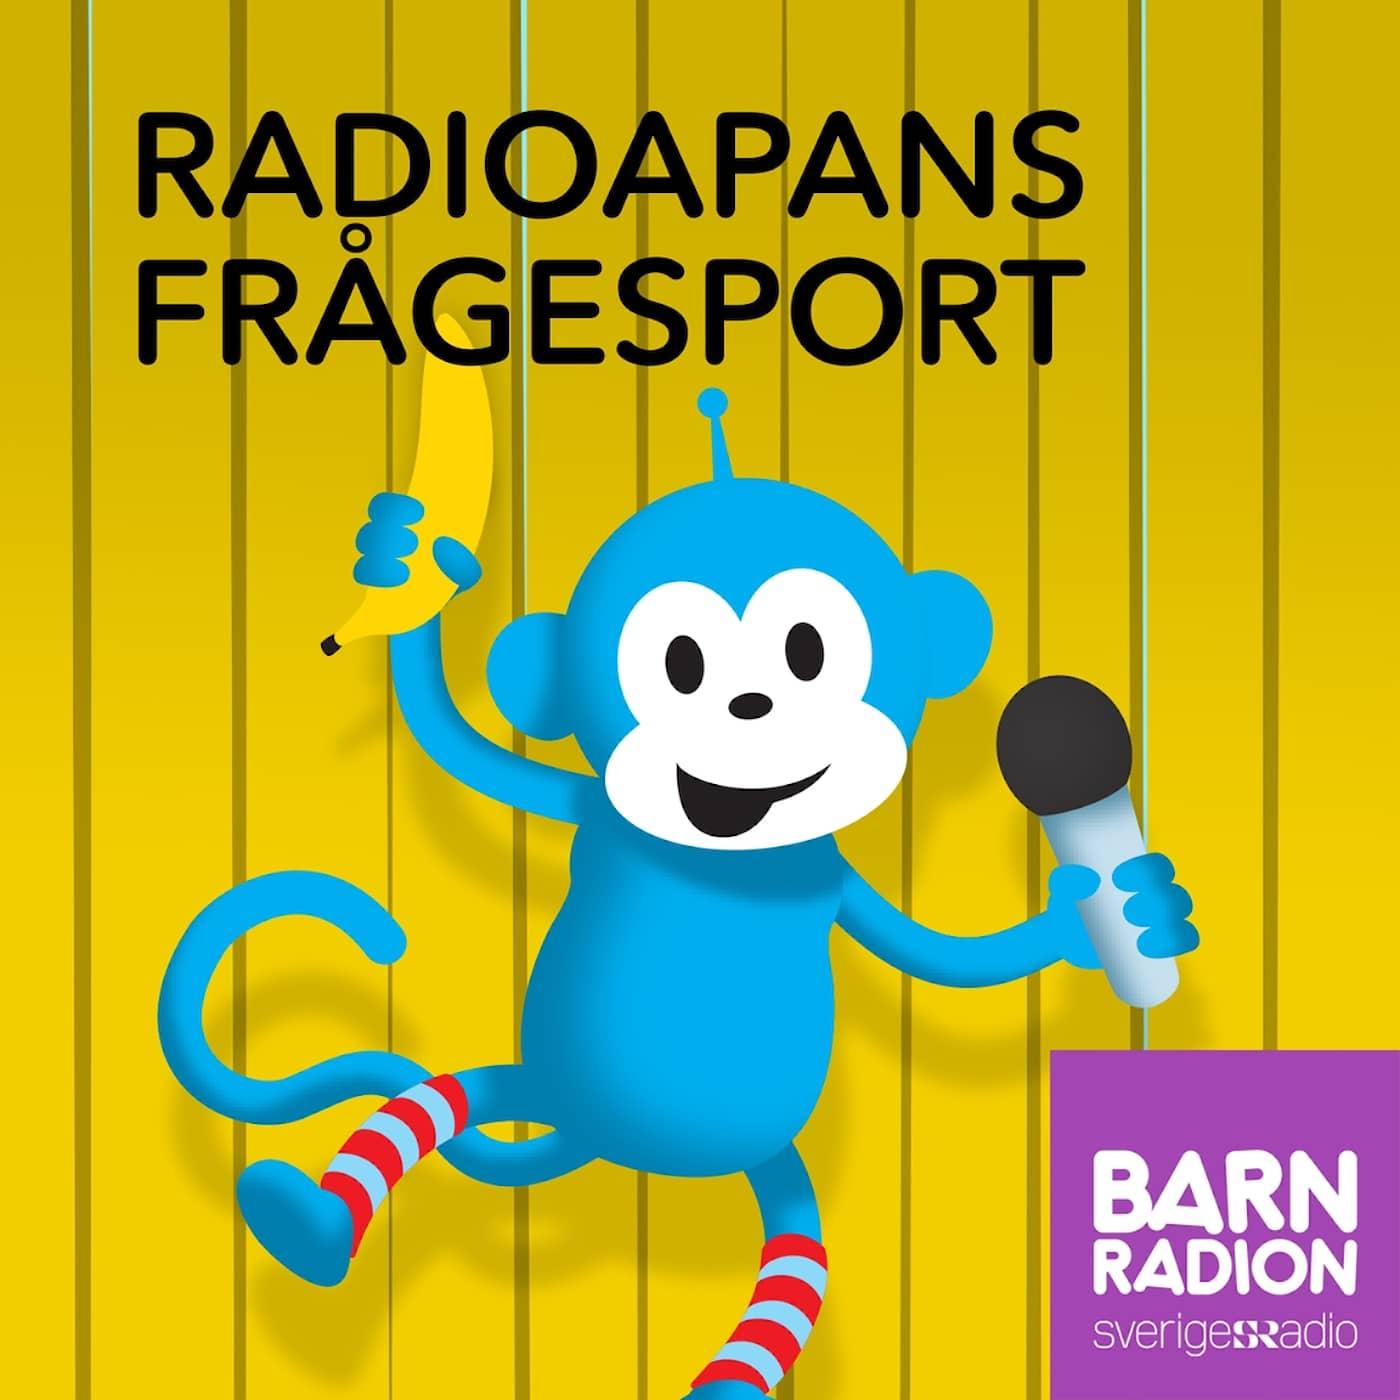 Radioapans frågesport